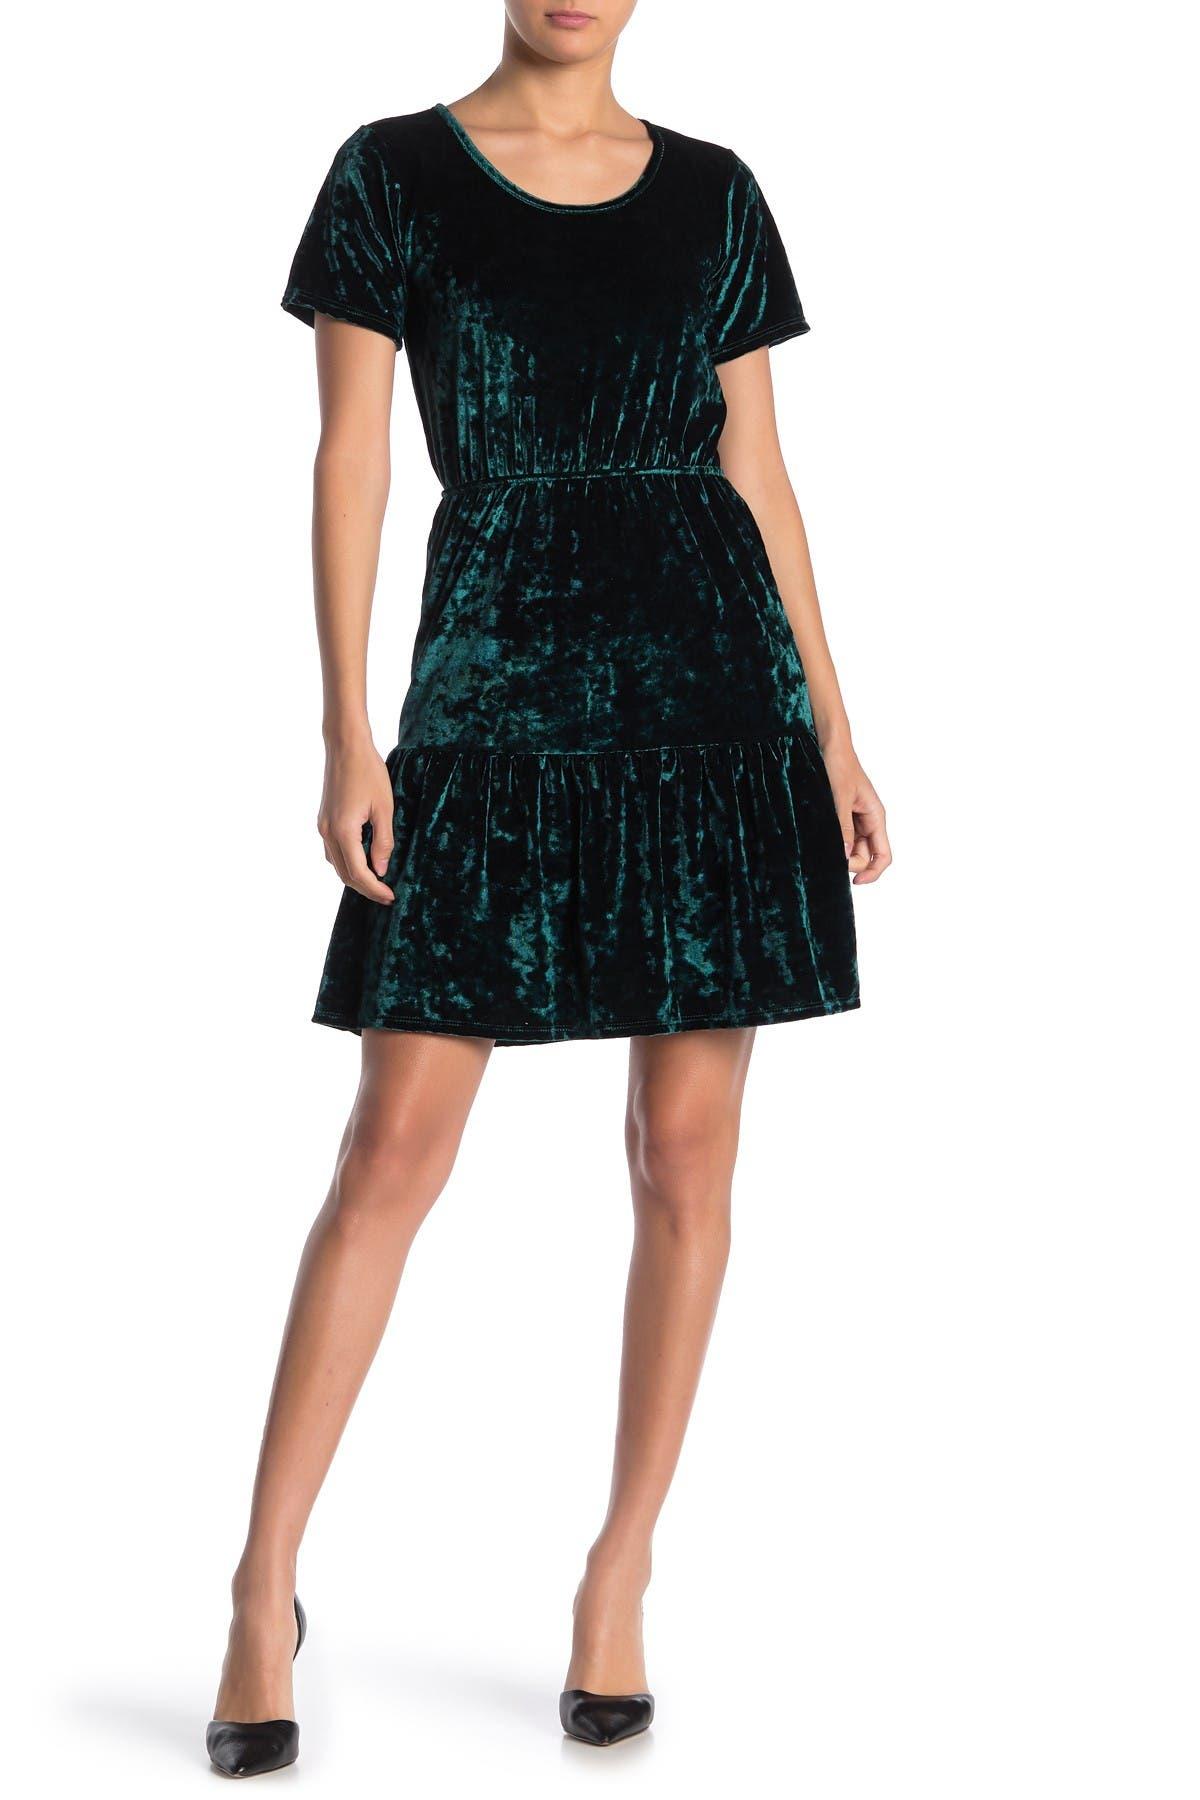 Image of Velvet Torch Velvet Tiered Skirt Dress